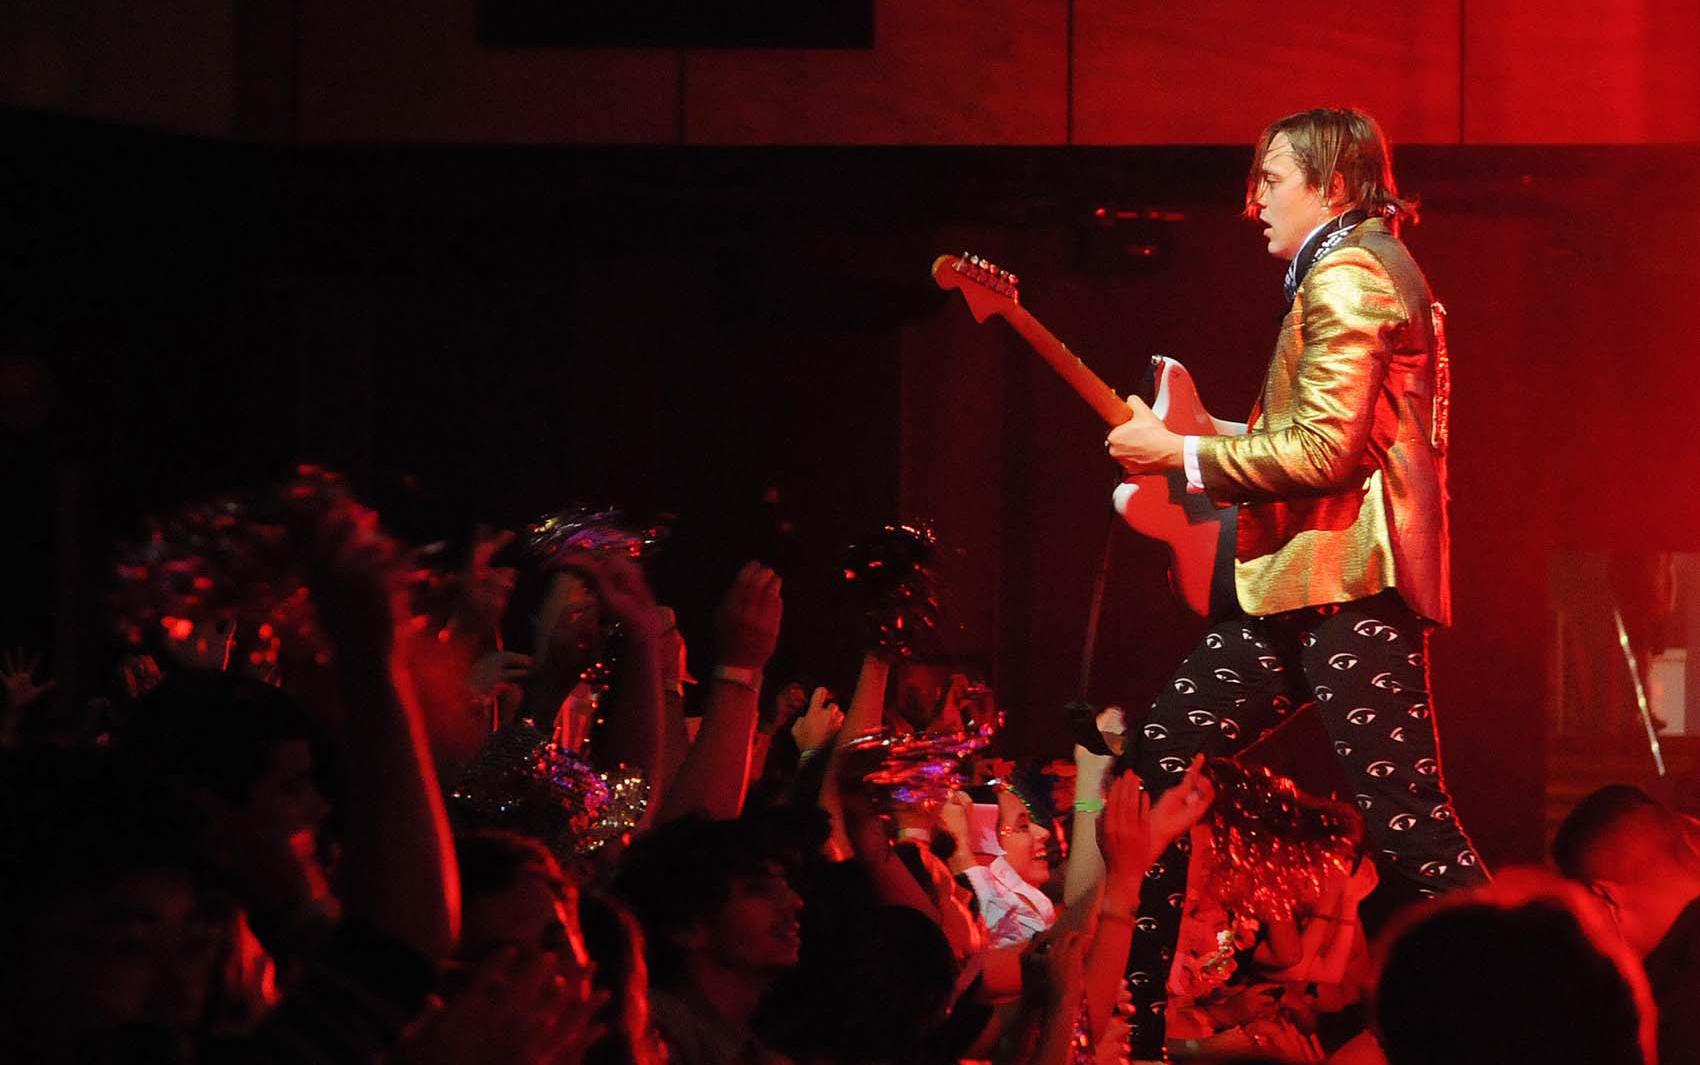 Banda de indie rock levantou o público na Barra da Tijuca nesta sexta-feira (4).